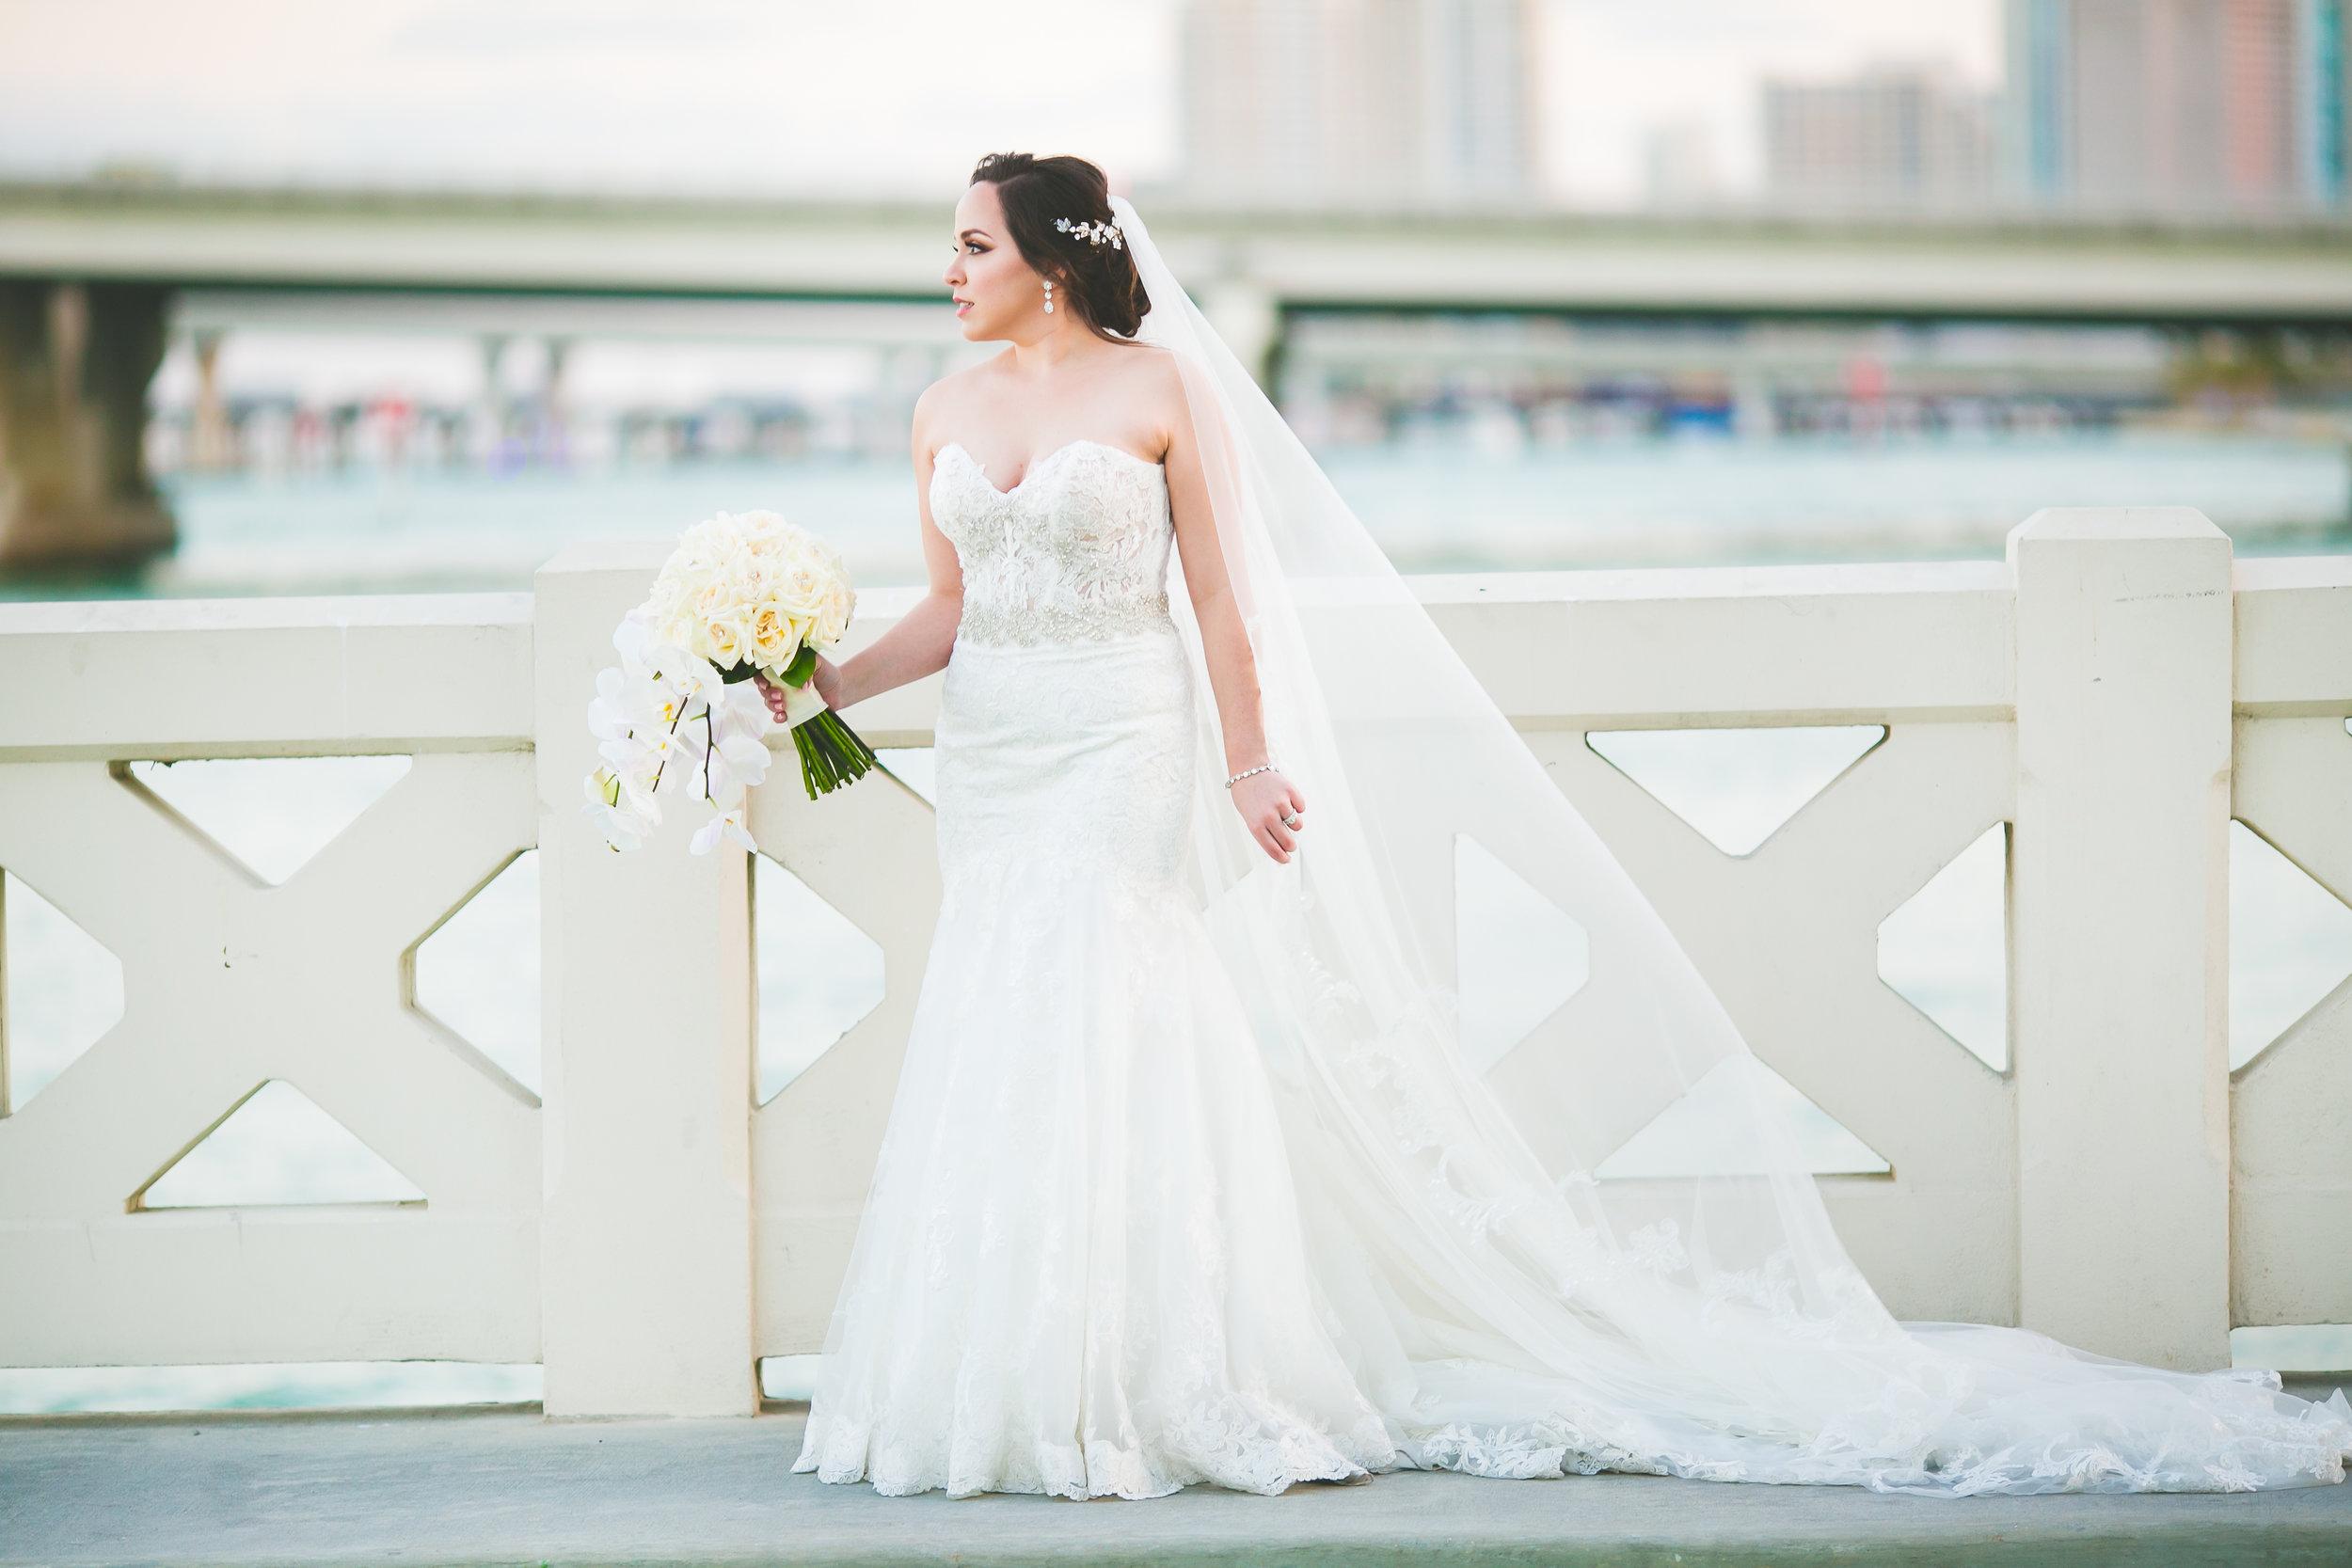 2018_03_24 Vanesssa & Xavier WEDDING (379 of 768).jpg